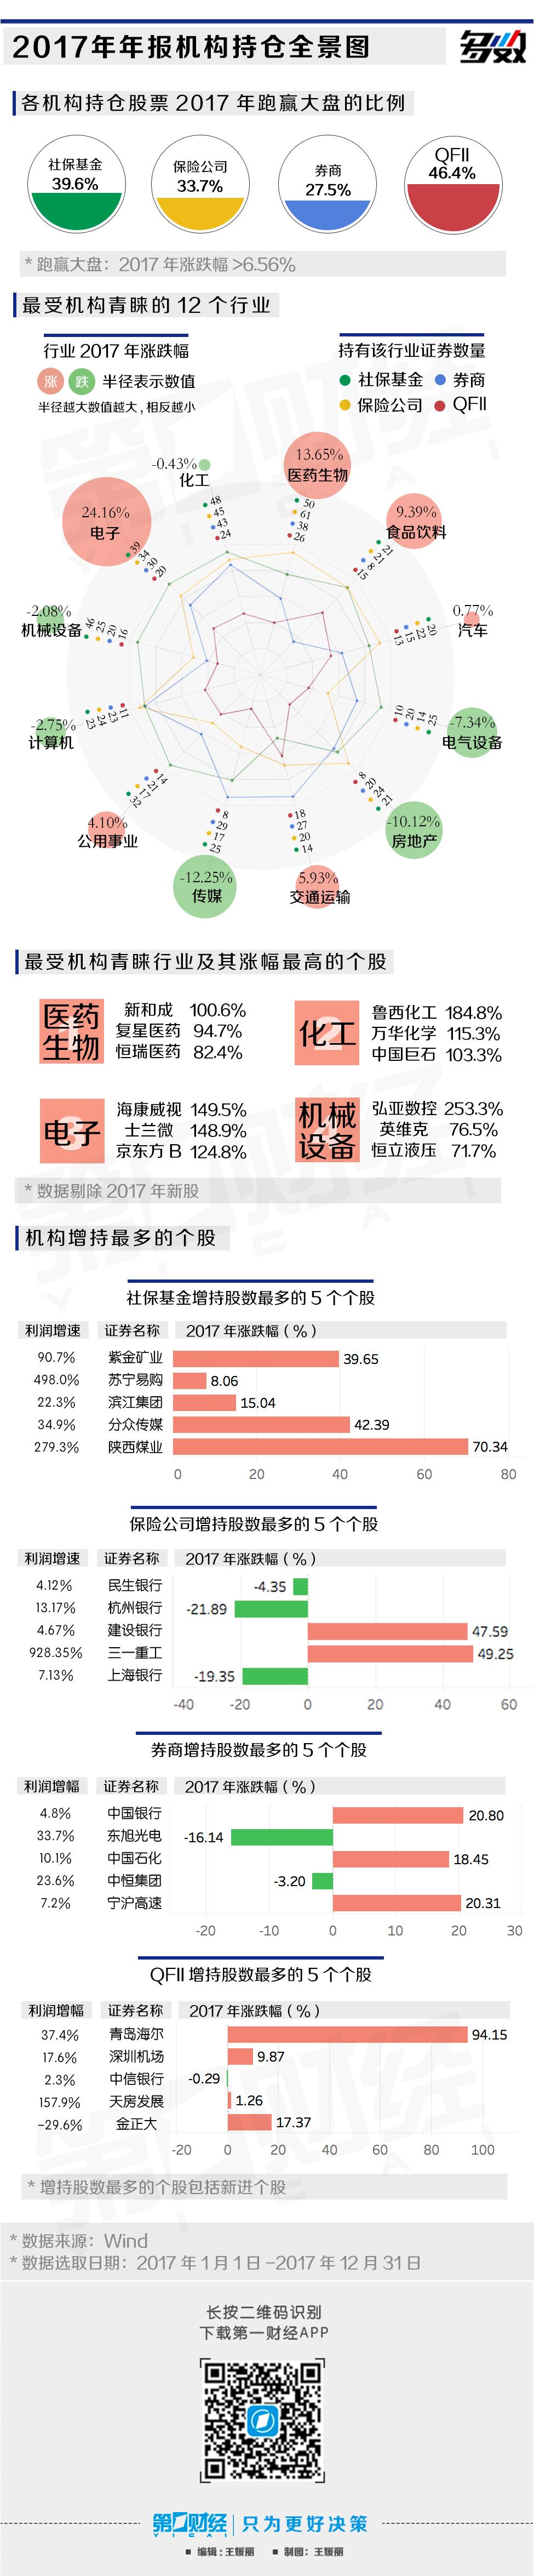 去年机构持仓全景图 QFII重仓股近半数跑赢大盘